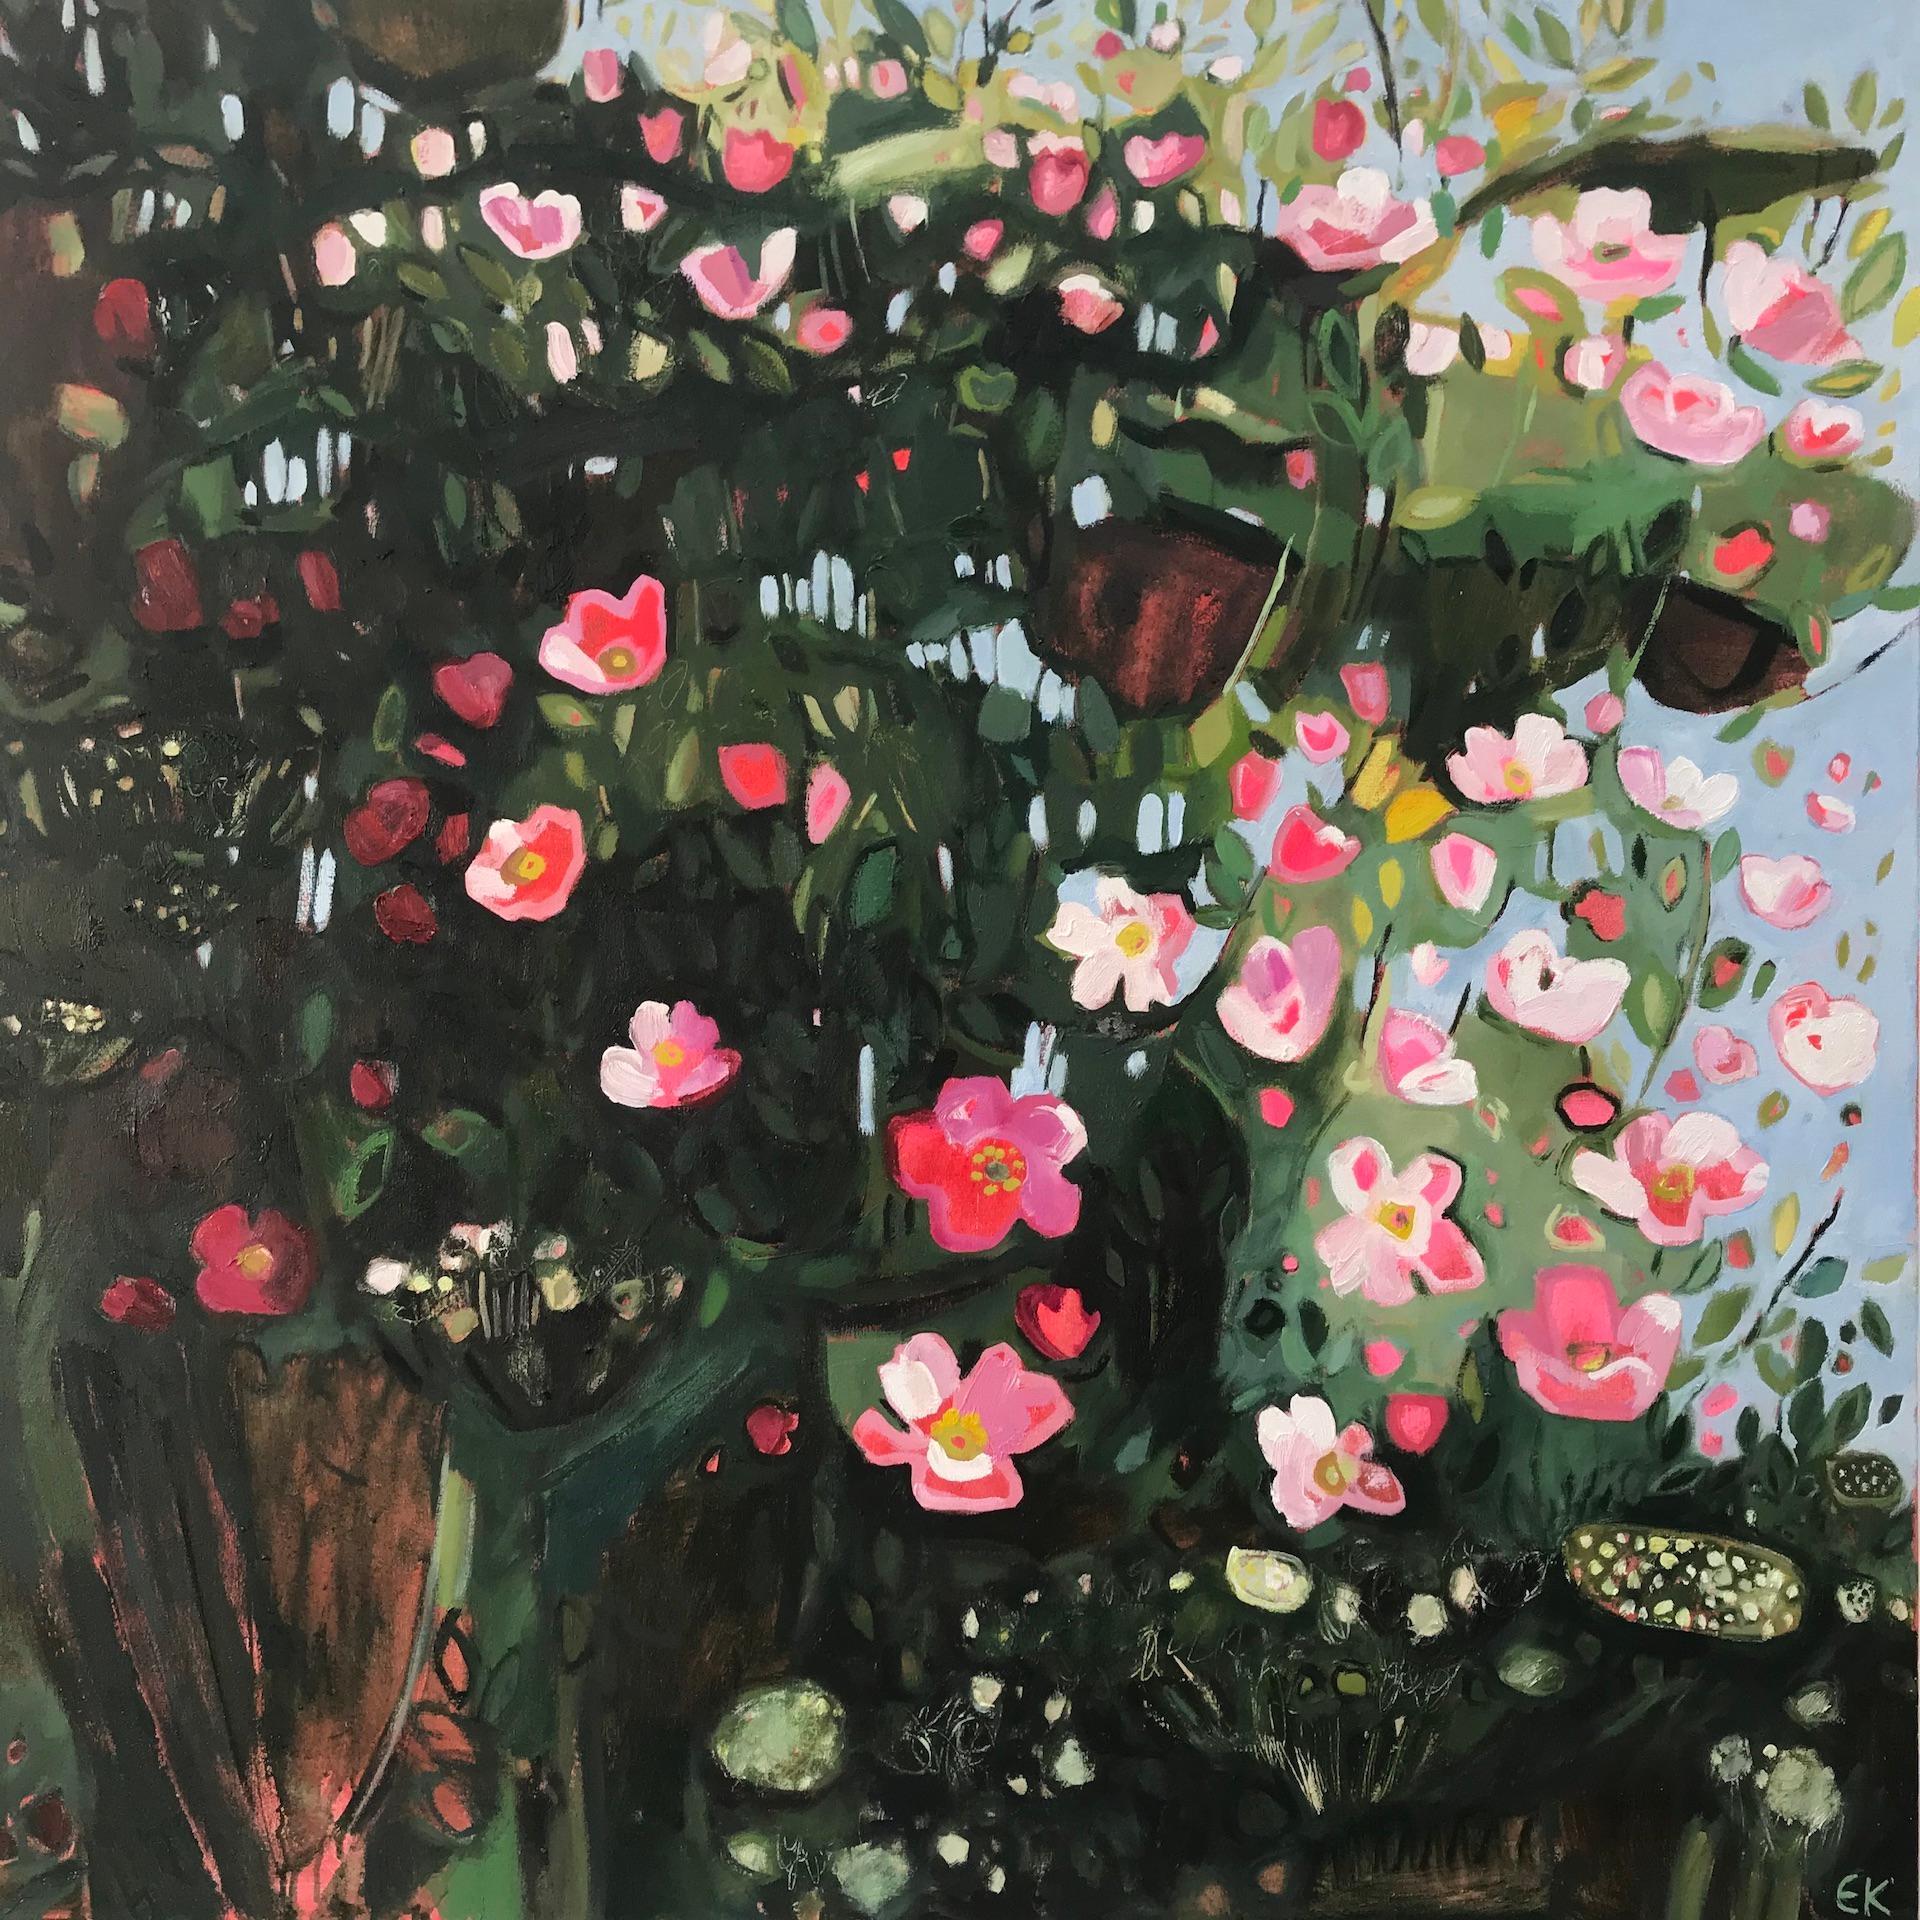 Elaine Kazimierczuk, Catching the Sunshine, Hedgerow with Dog Rose, Abstract Art